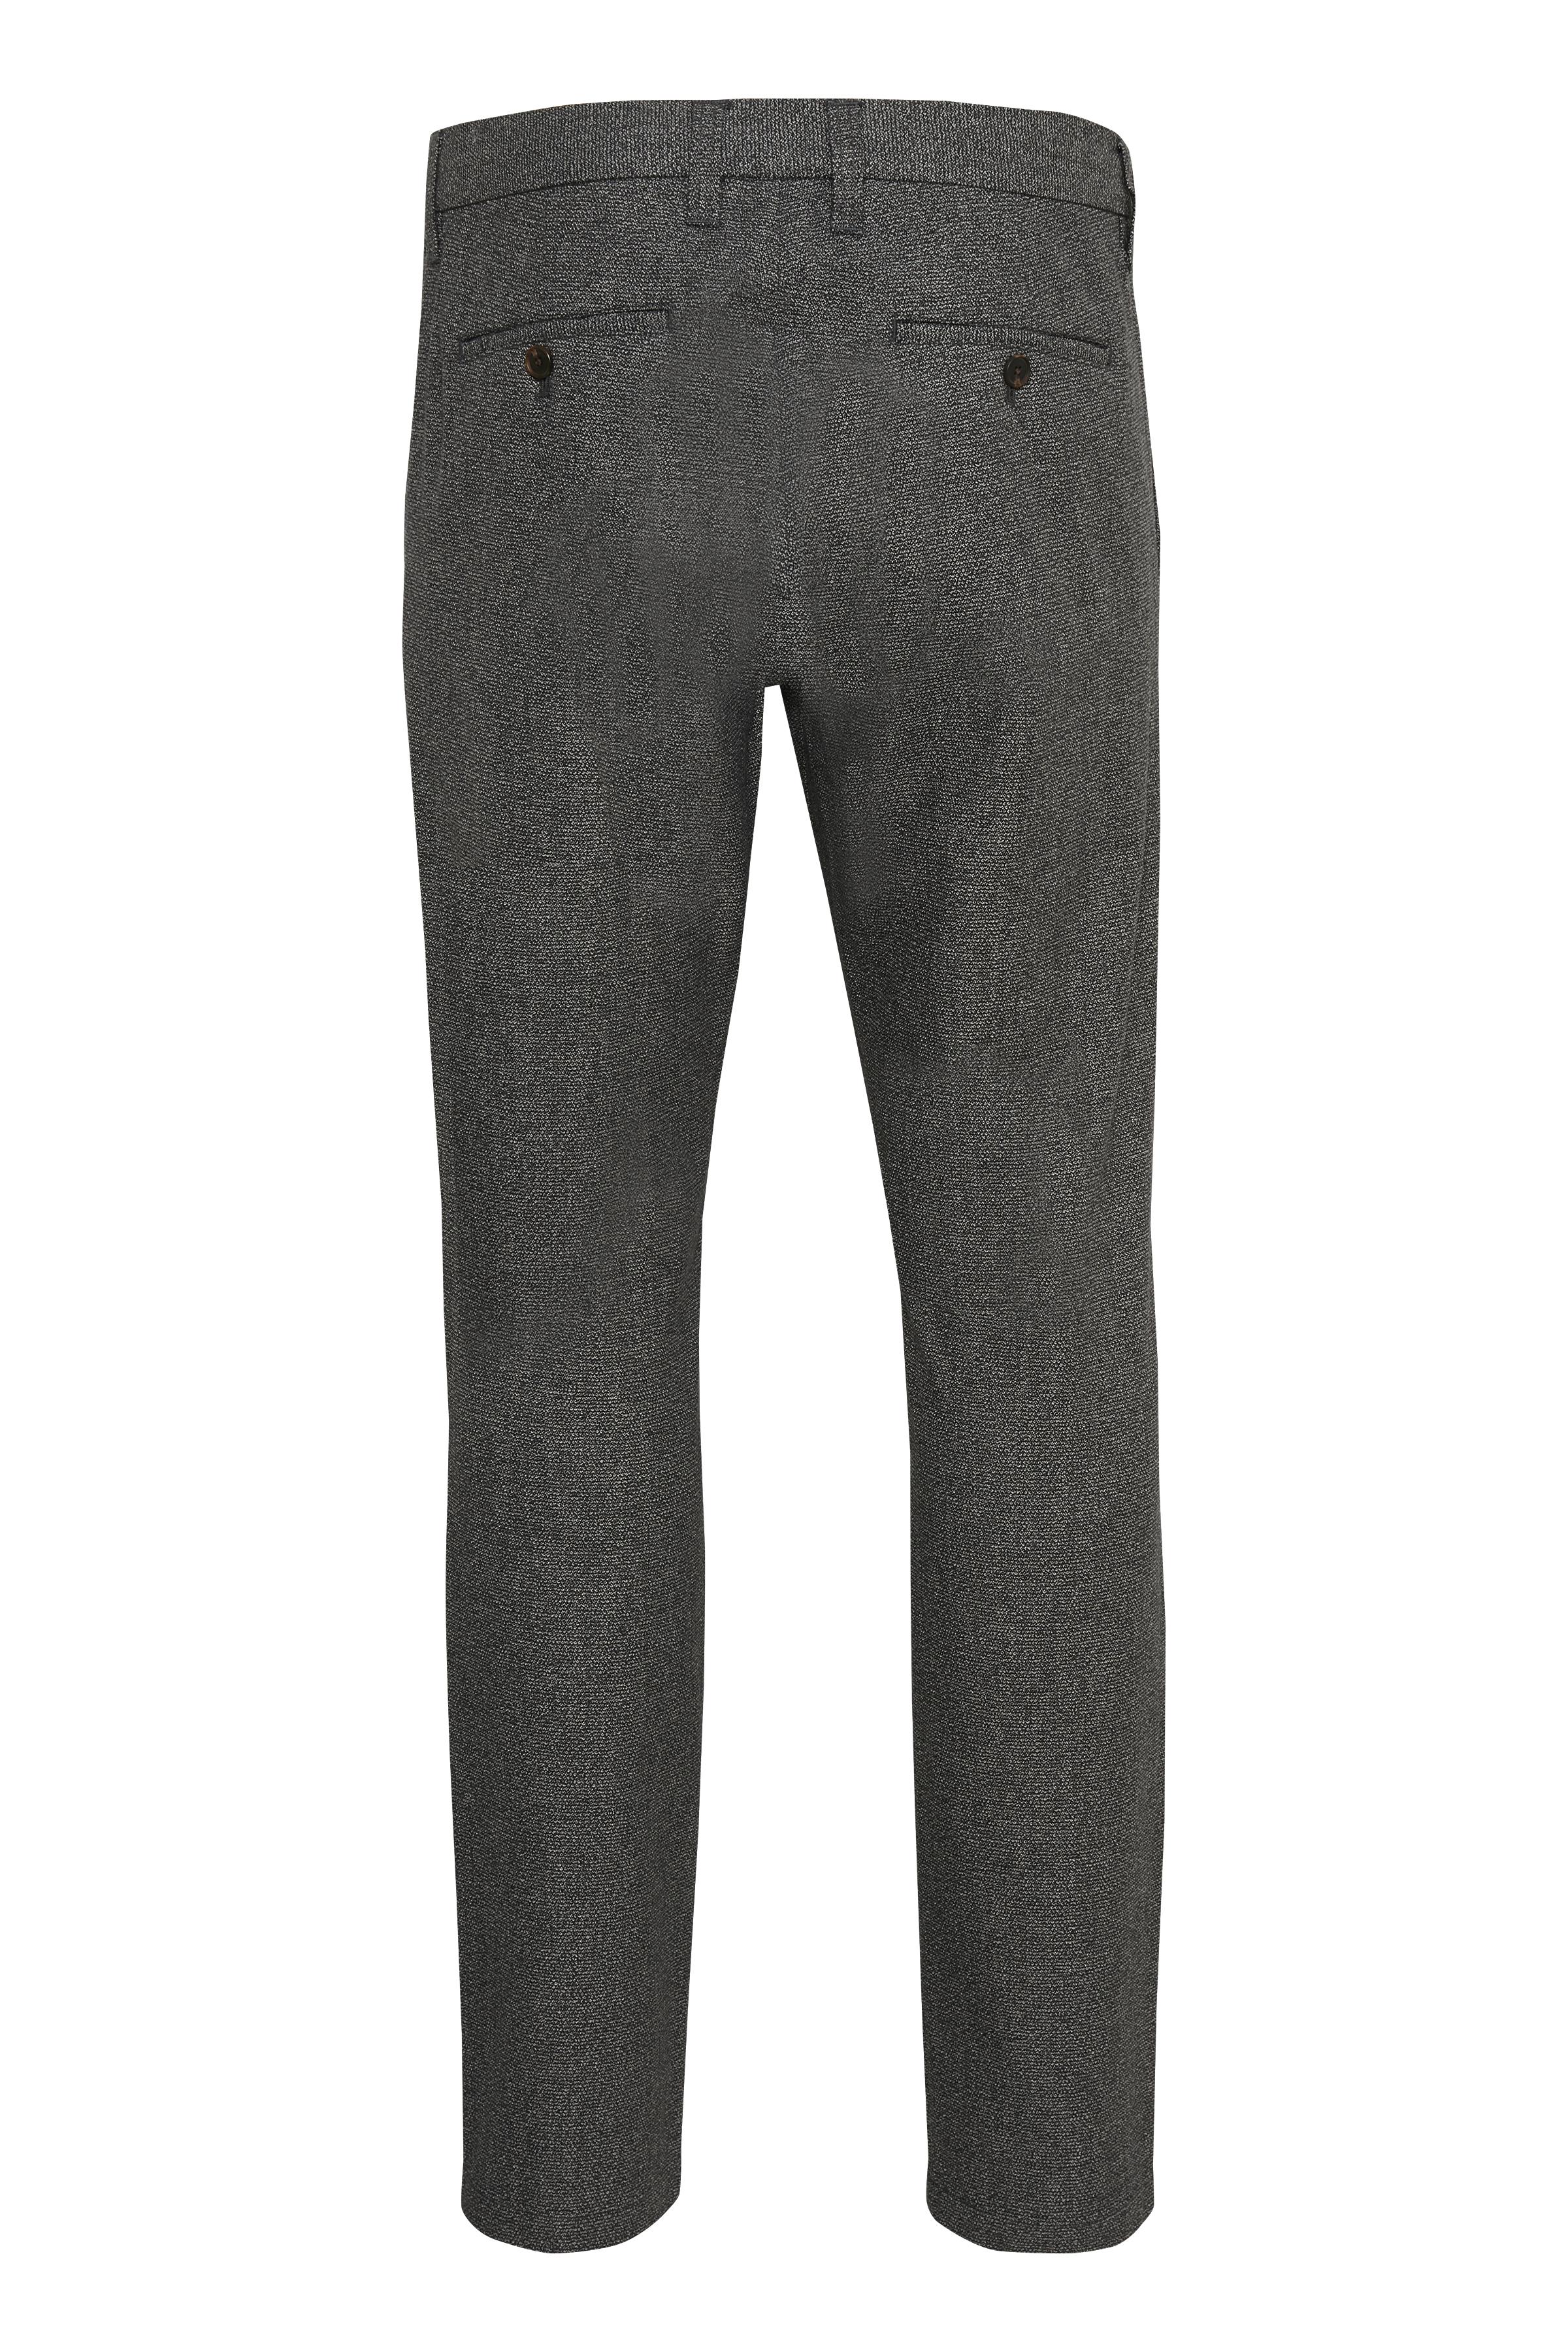 Drk Grey Melange Casual buks – Køb Drk Grey Melange Casual buks fra str. 35 her